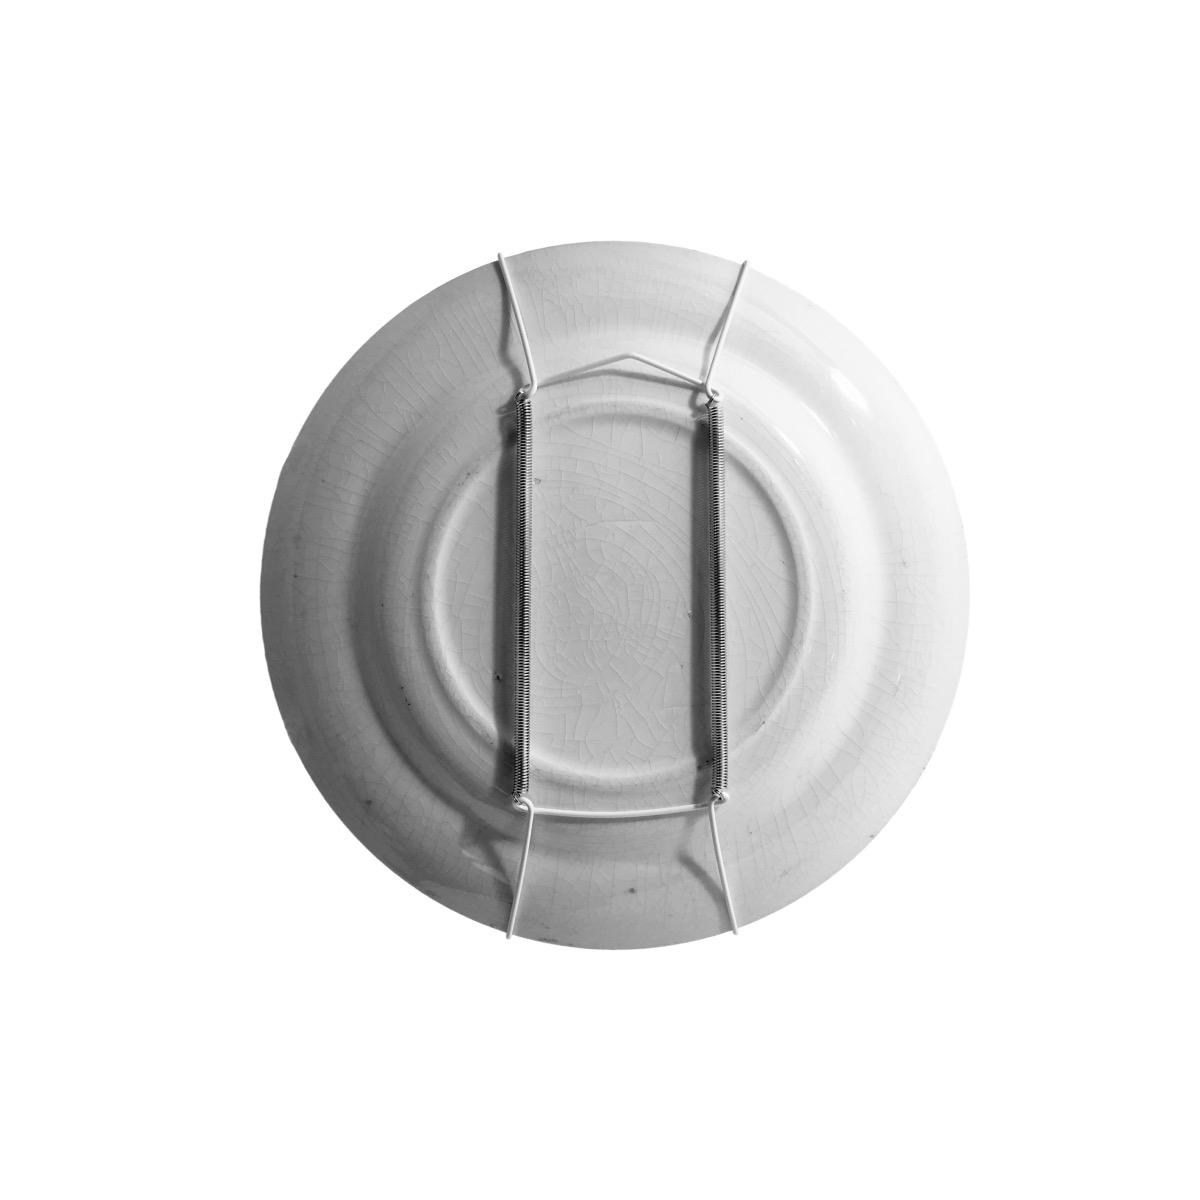 accroche assiette murale assiette entre 9 cm et 13 cm de diametre